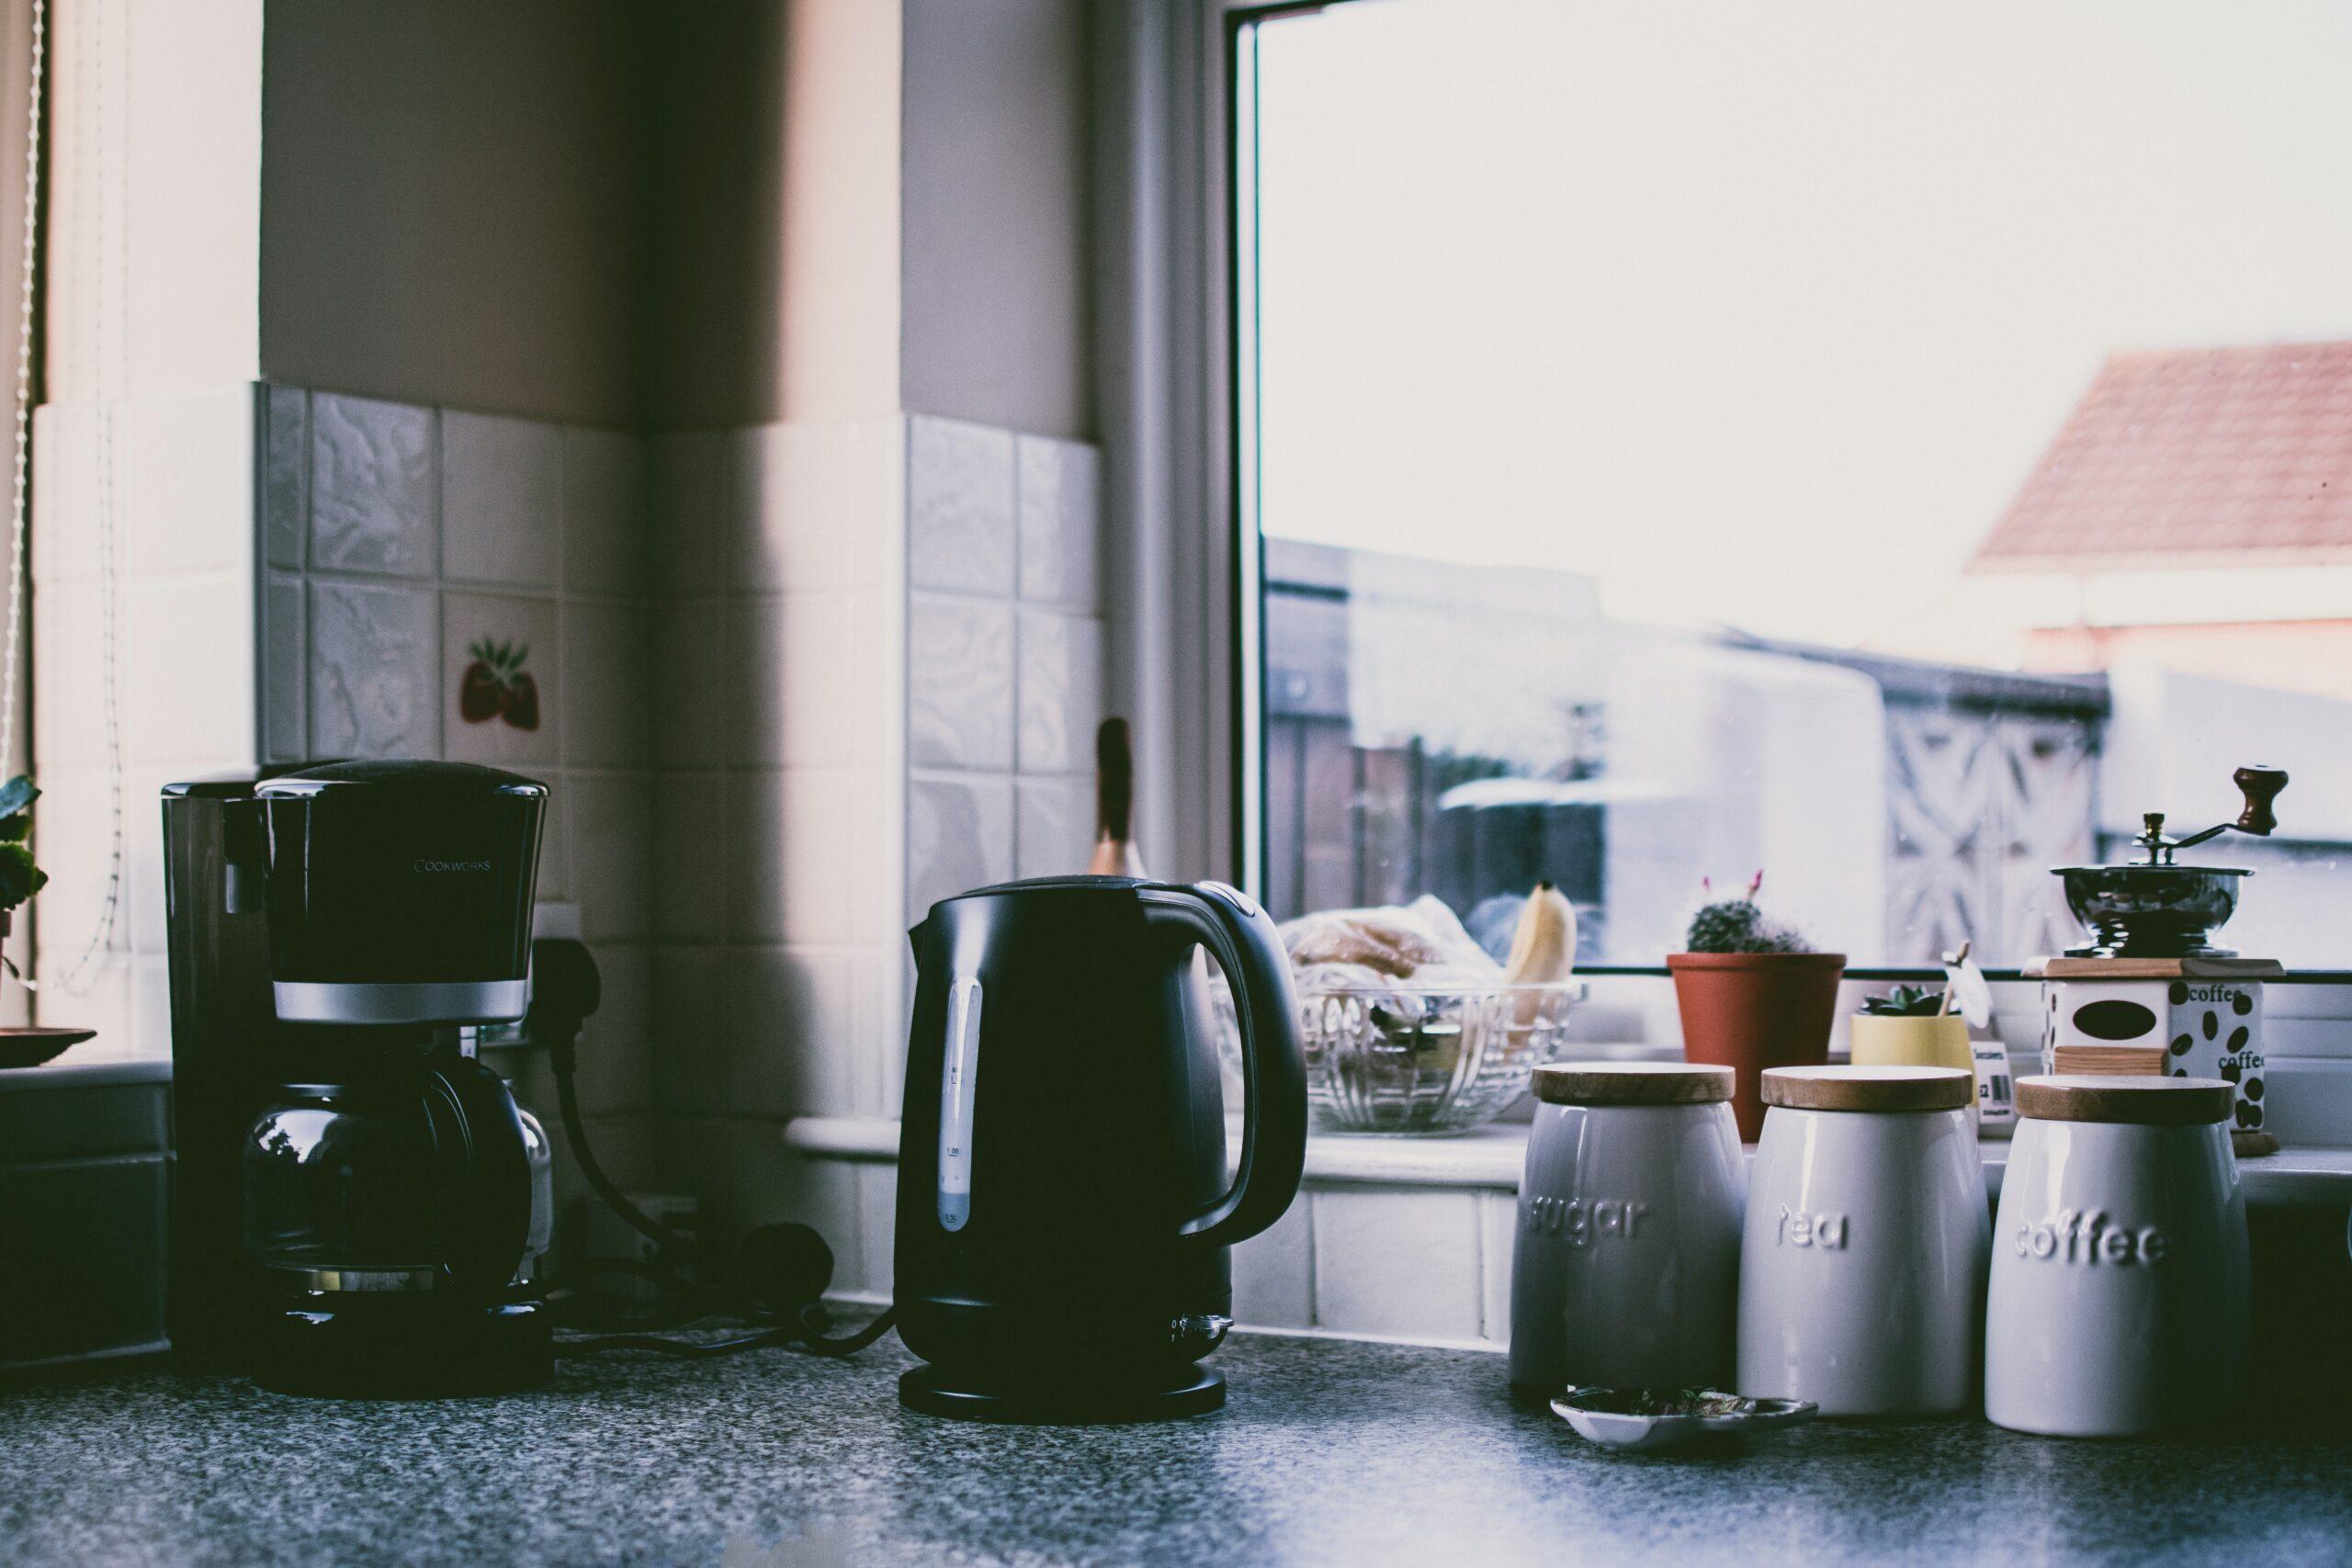 Mutfak Aletleri ile Sağlıklı ve Güvenli Çalışma